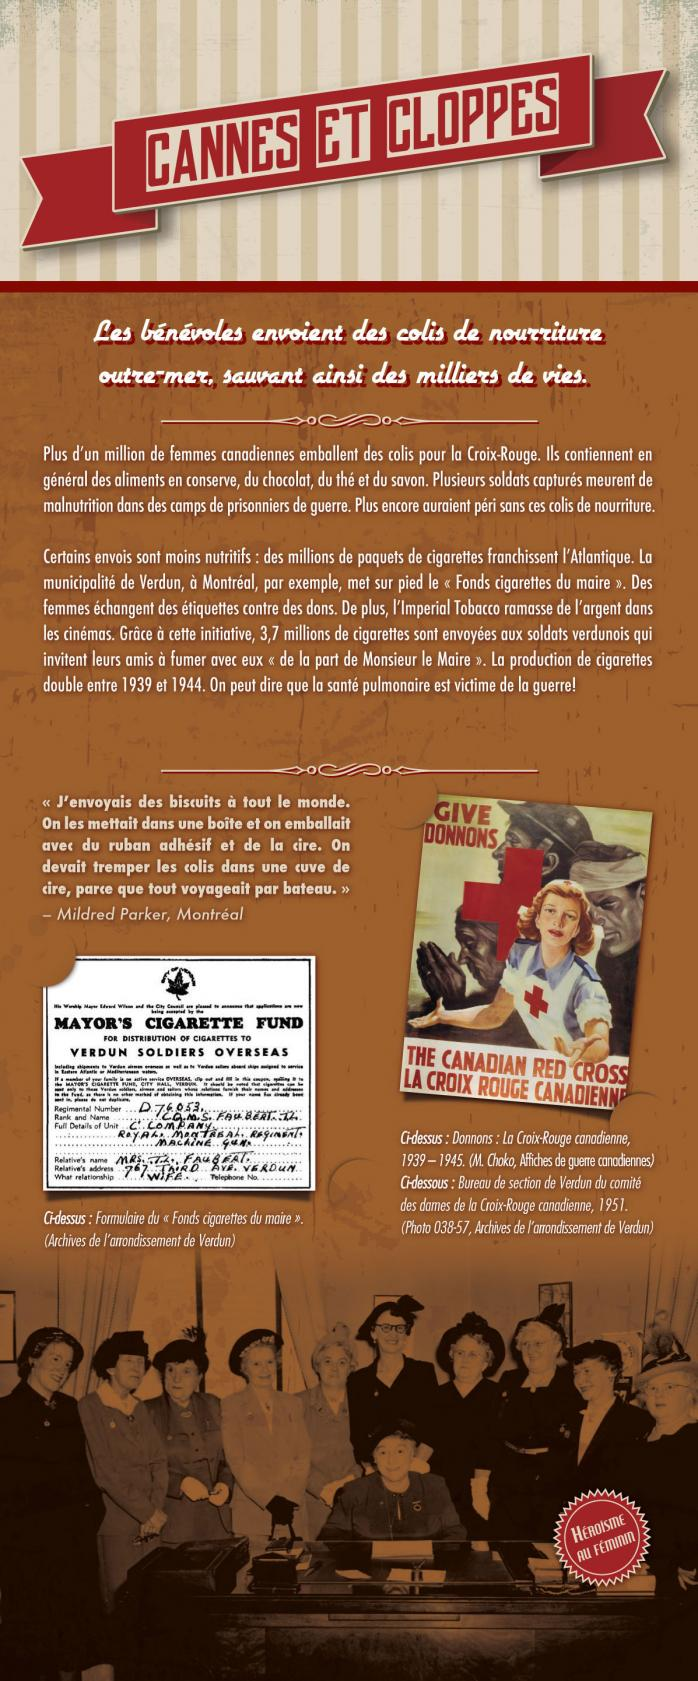 7. Cannes et cloppes